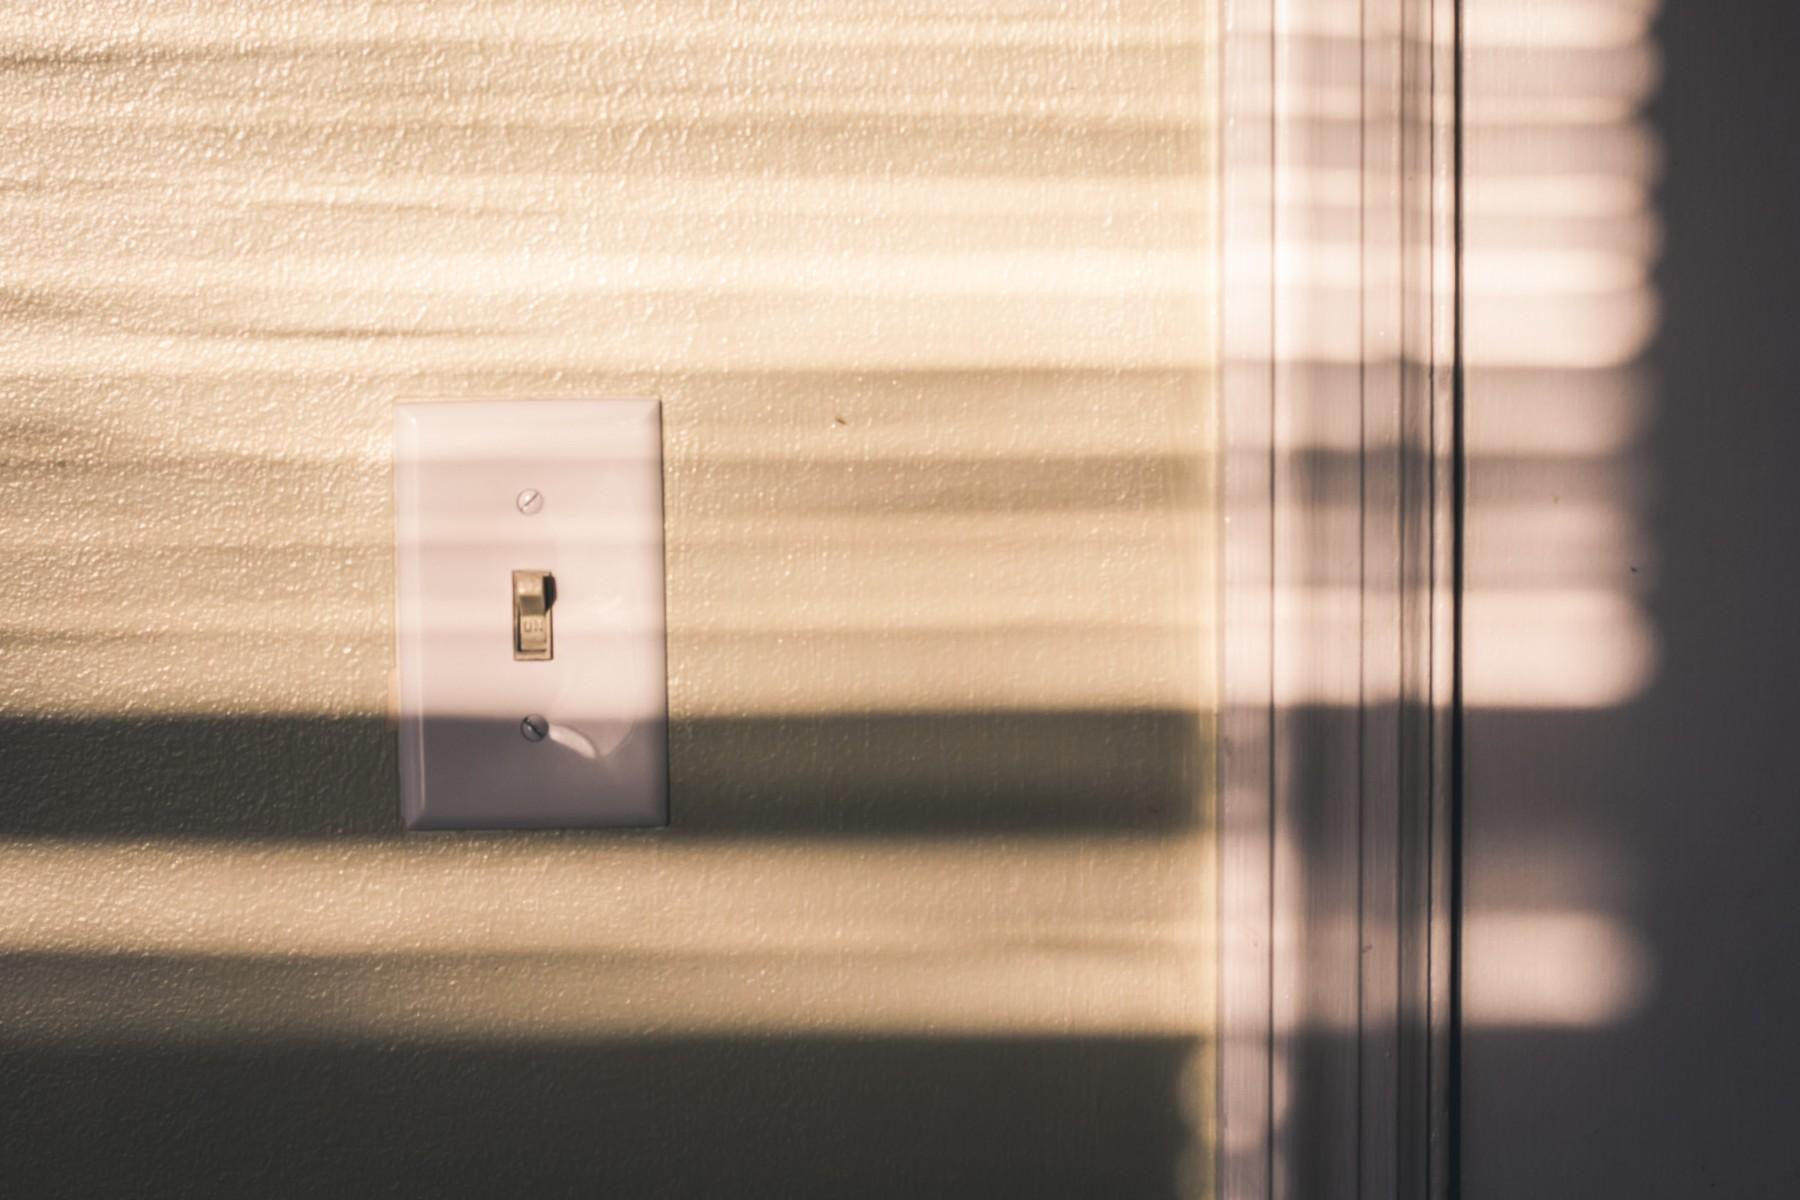 flickering lights - Tim Kyle